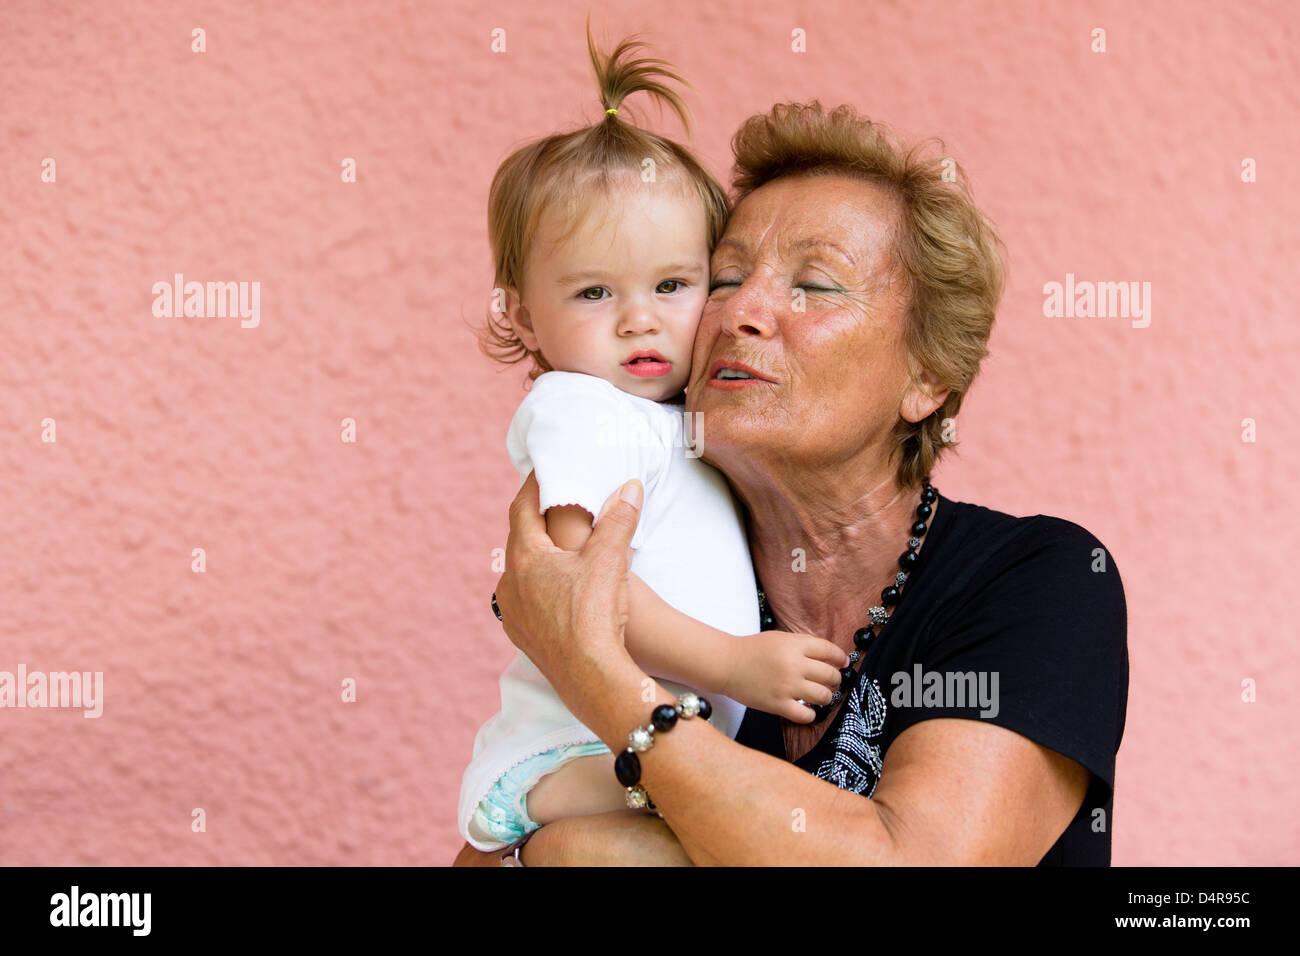 Grand-mère adore son grandkid tout en montrant ses véritables sentiments. Photo Stock